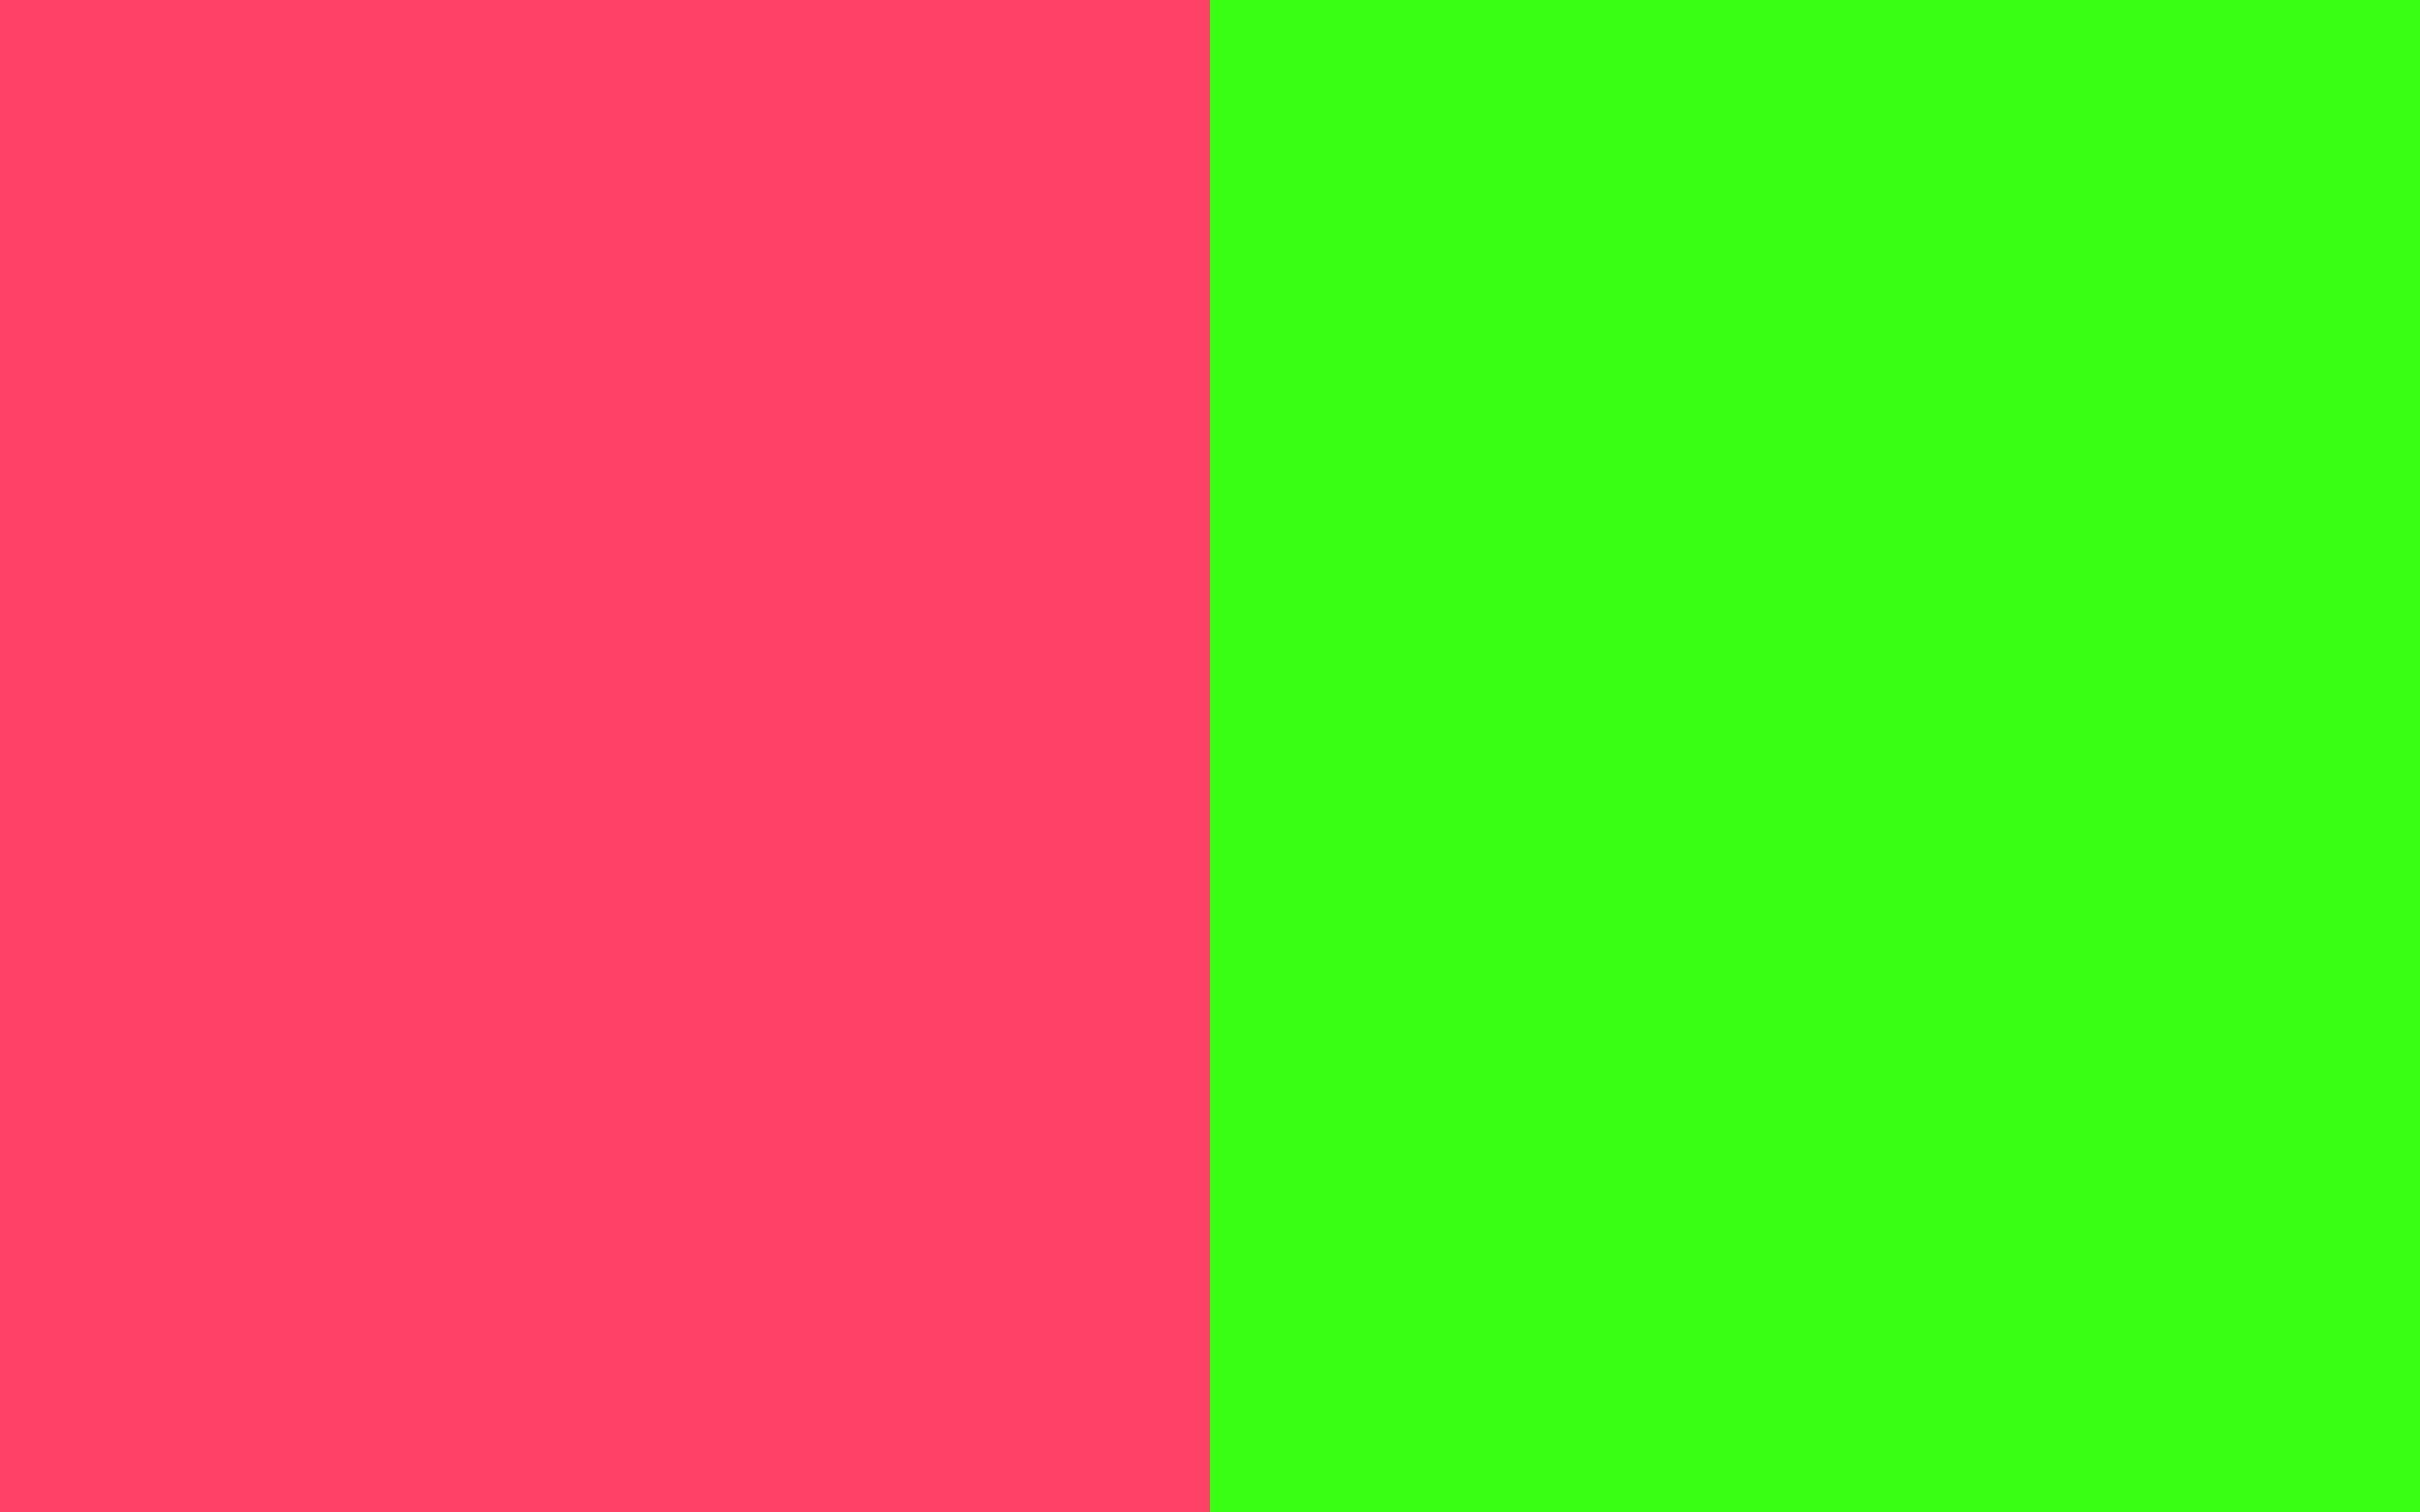 Neon iphone wallpaper tumblr - Neon Backgrounds Tumblr Neon Green Background